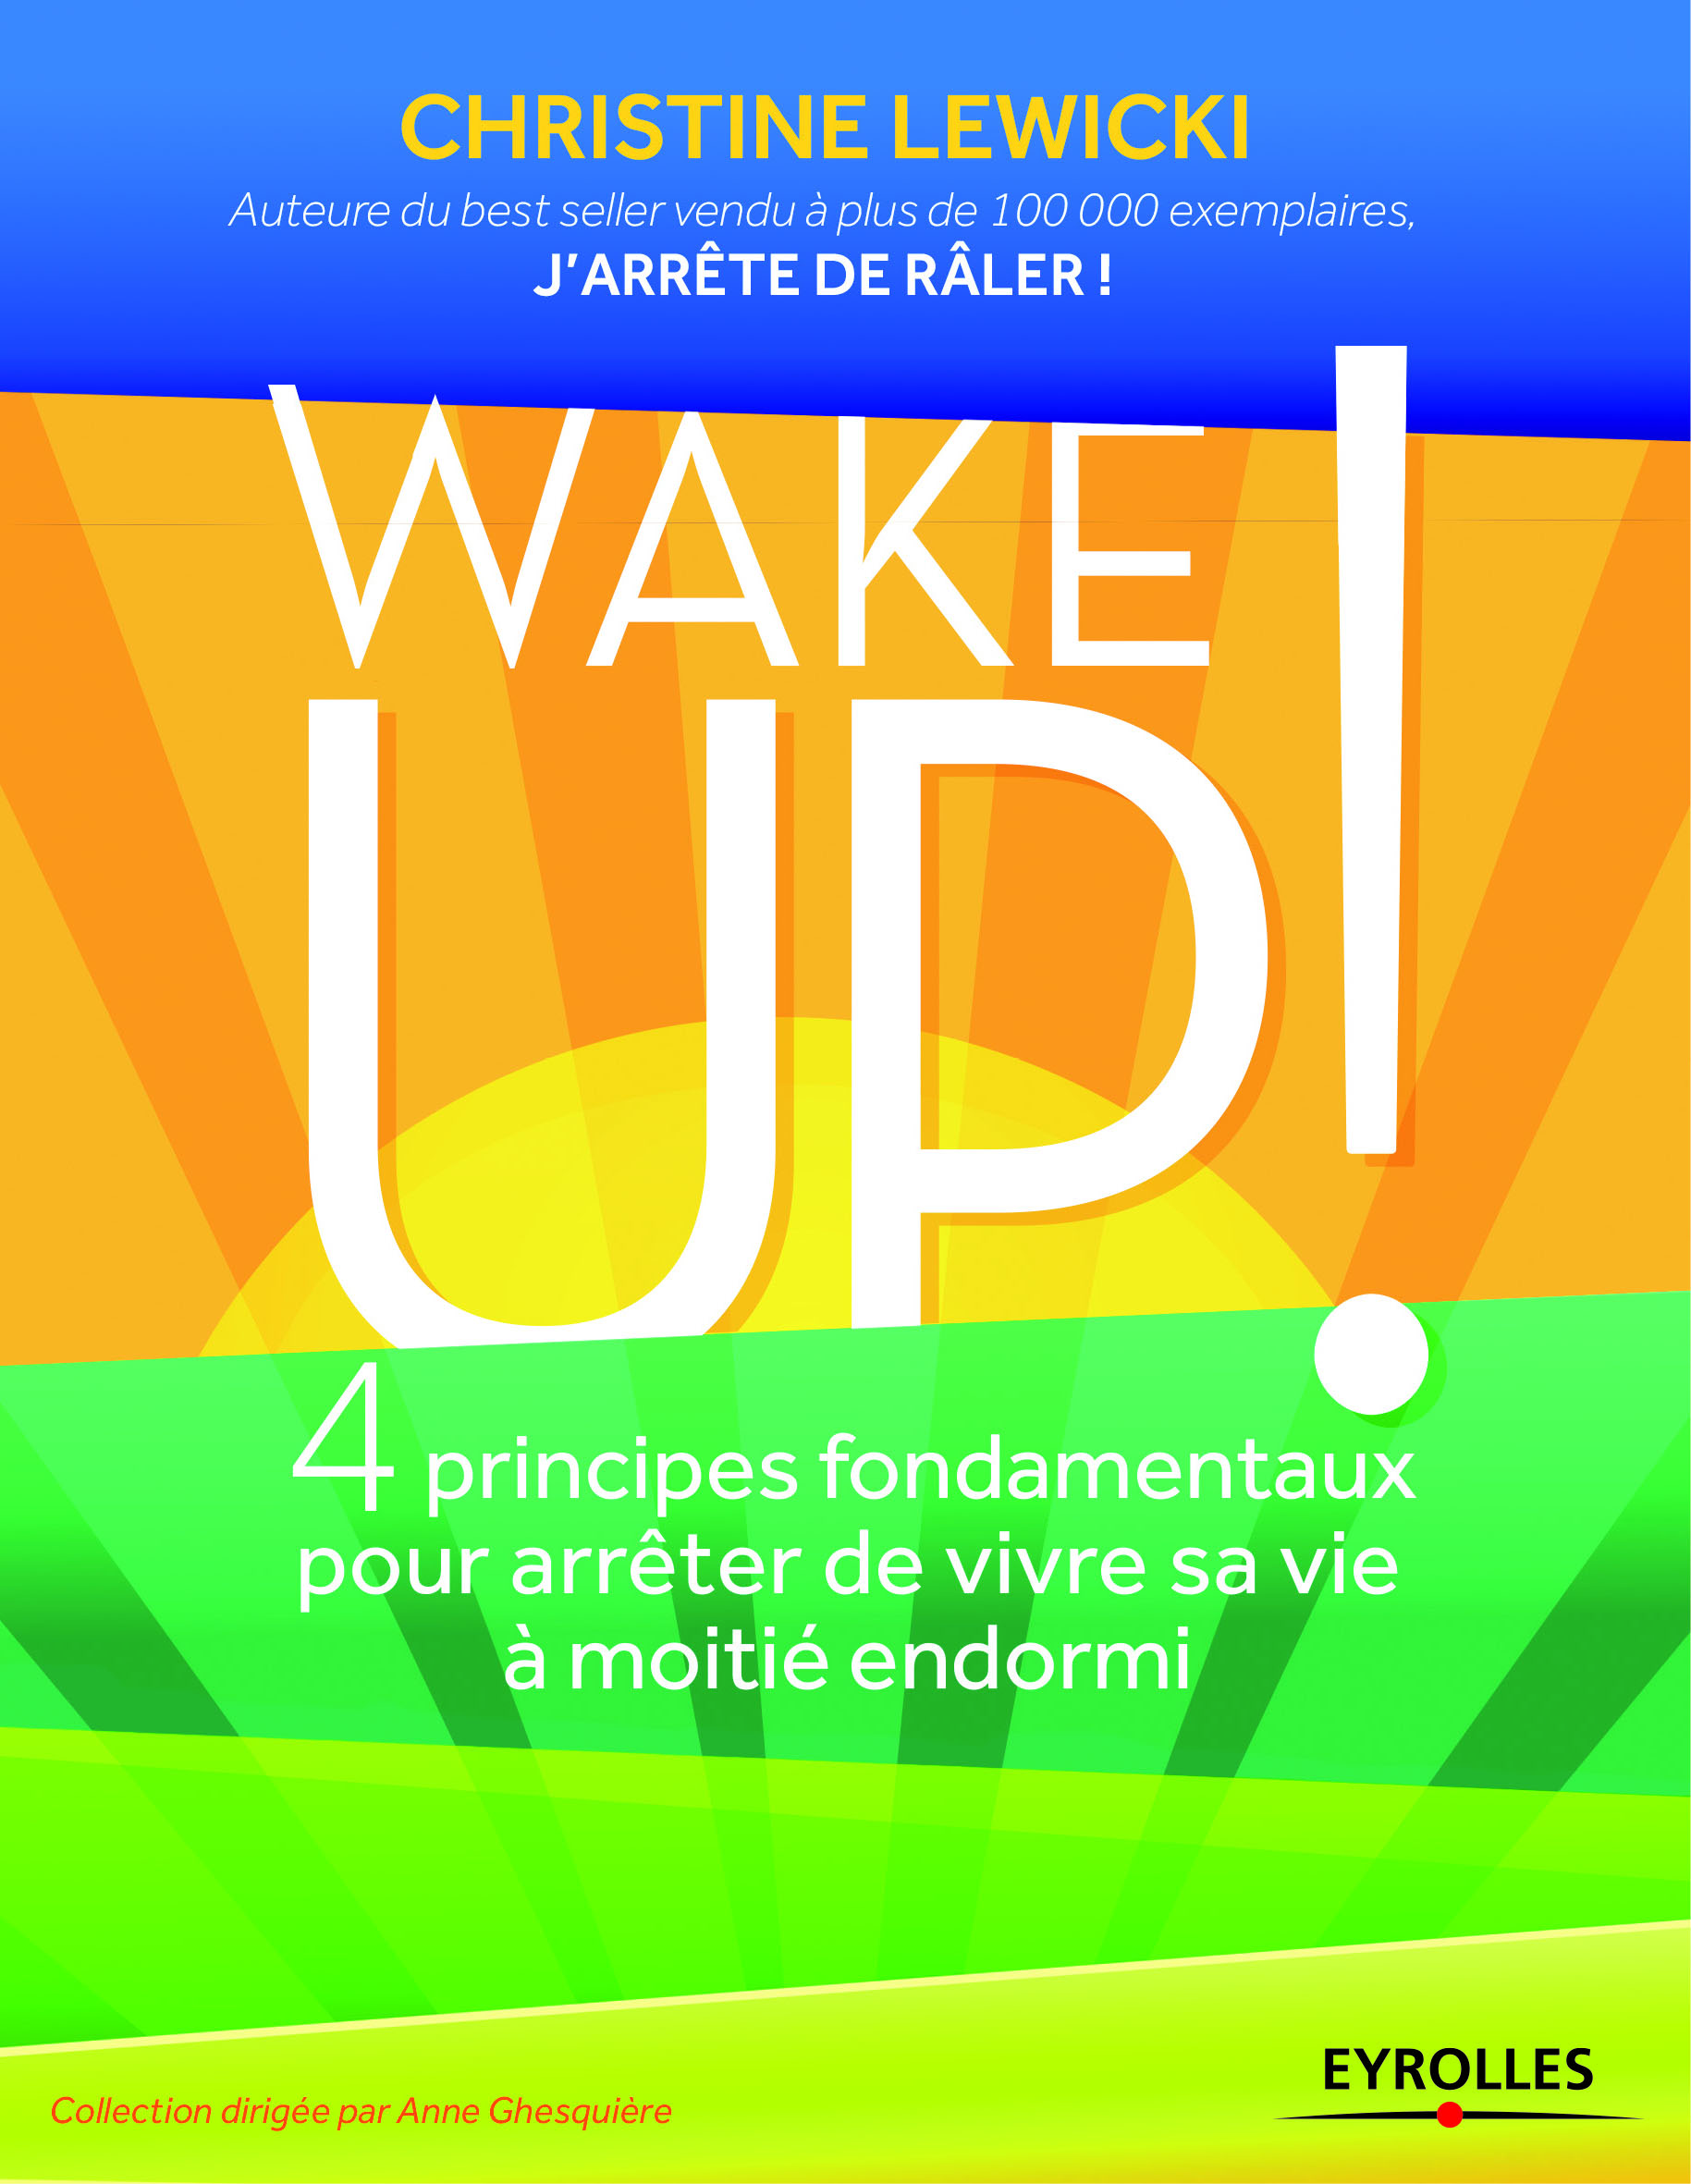 WAKE UP! by Christine Lewicki